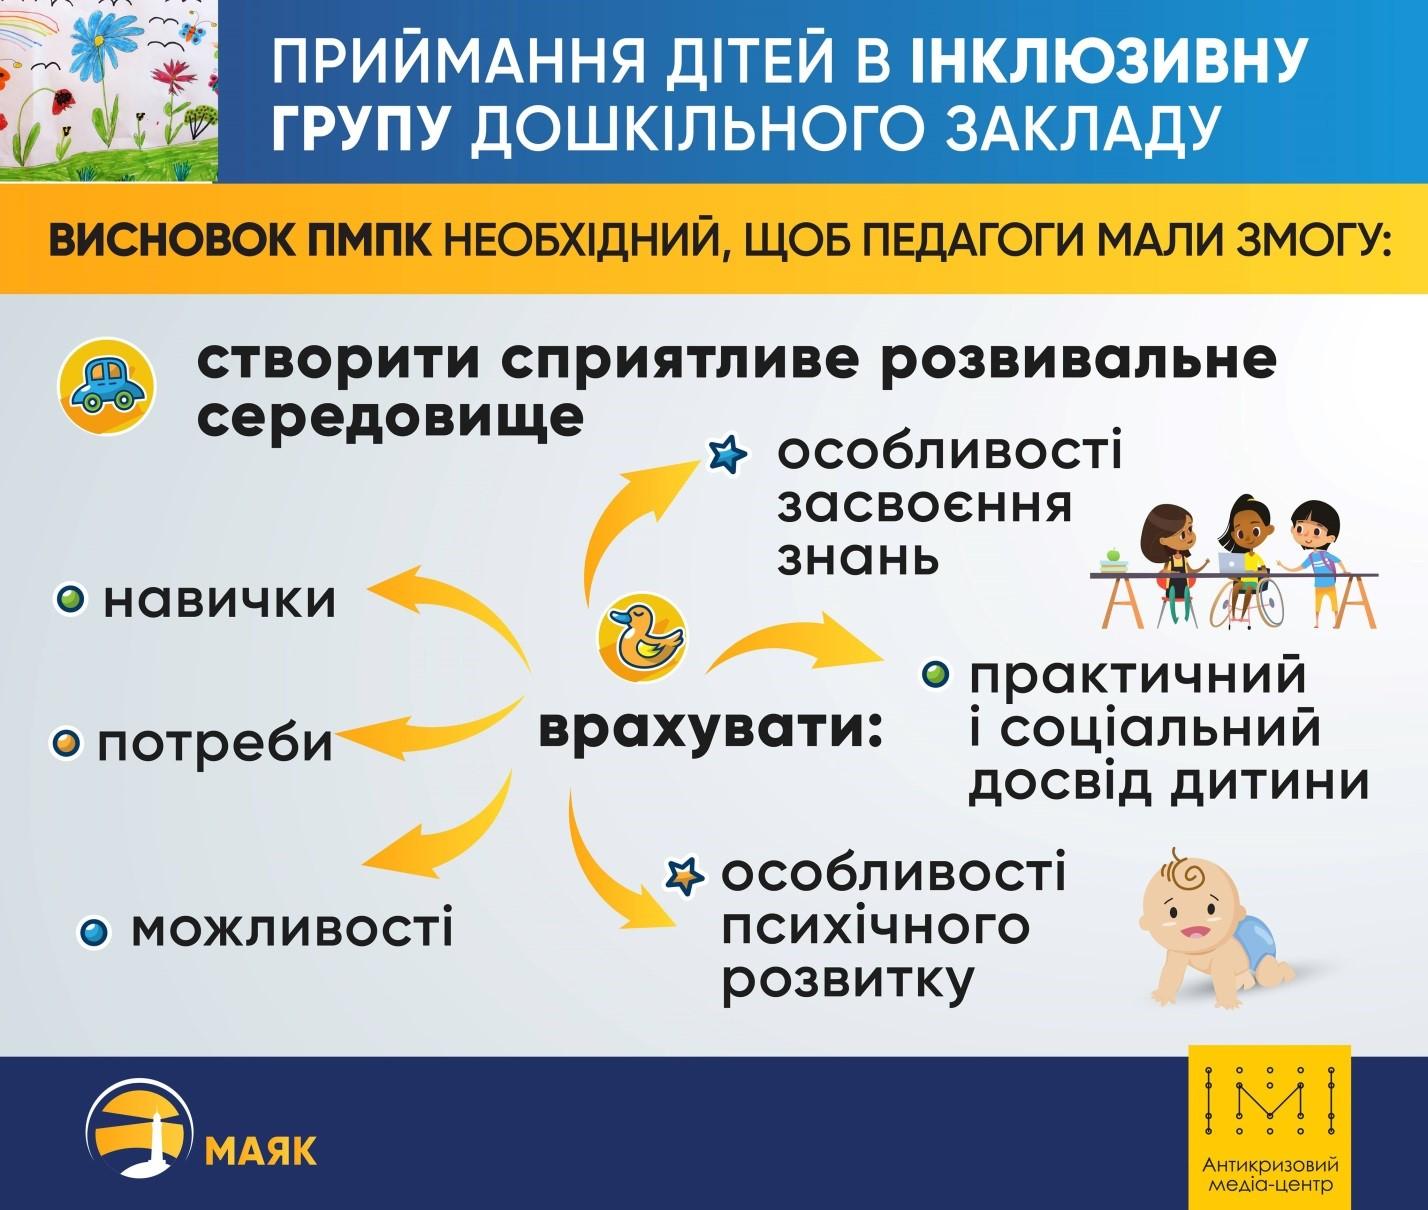 Дитина з особливими освітніми потребами має право відвідувати ДНЗ - Фото №2